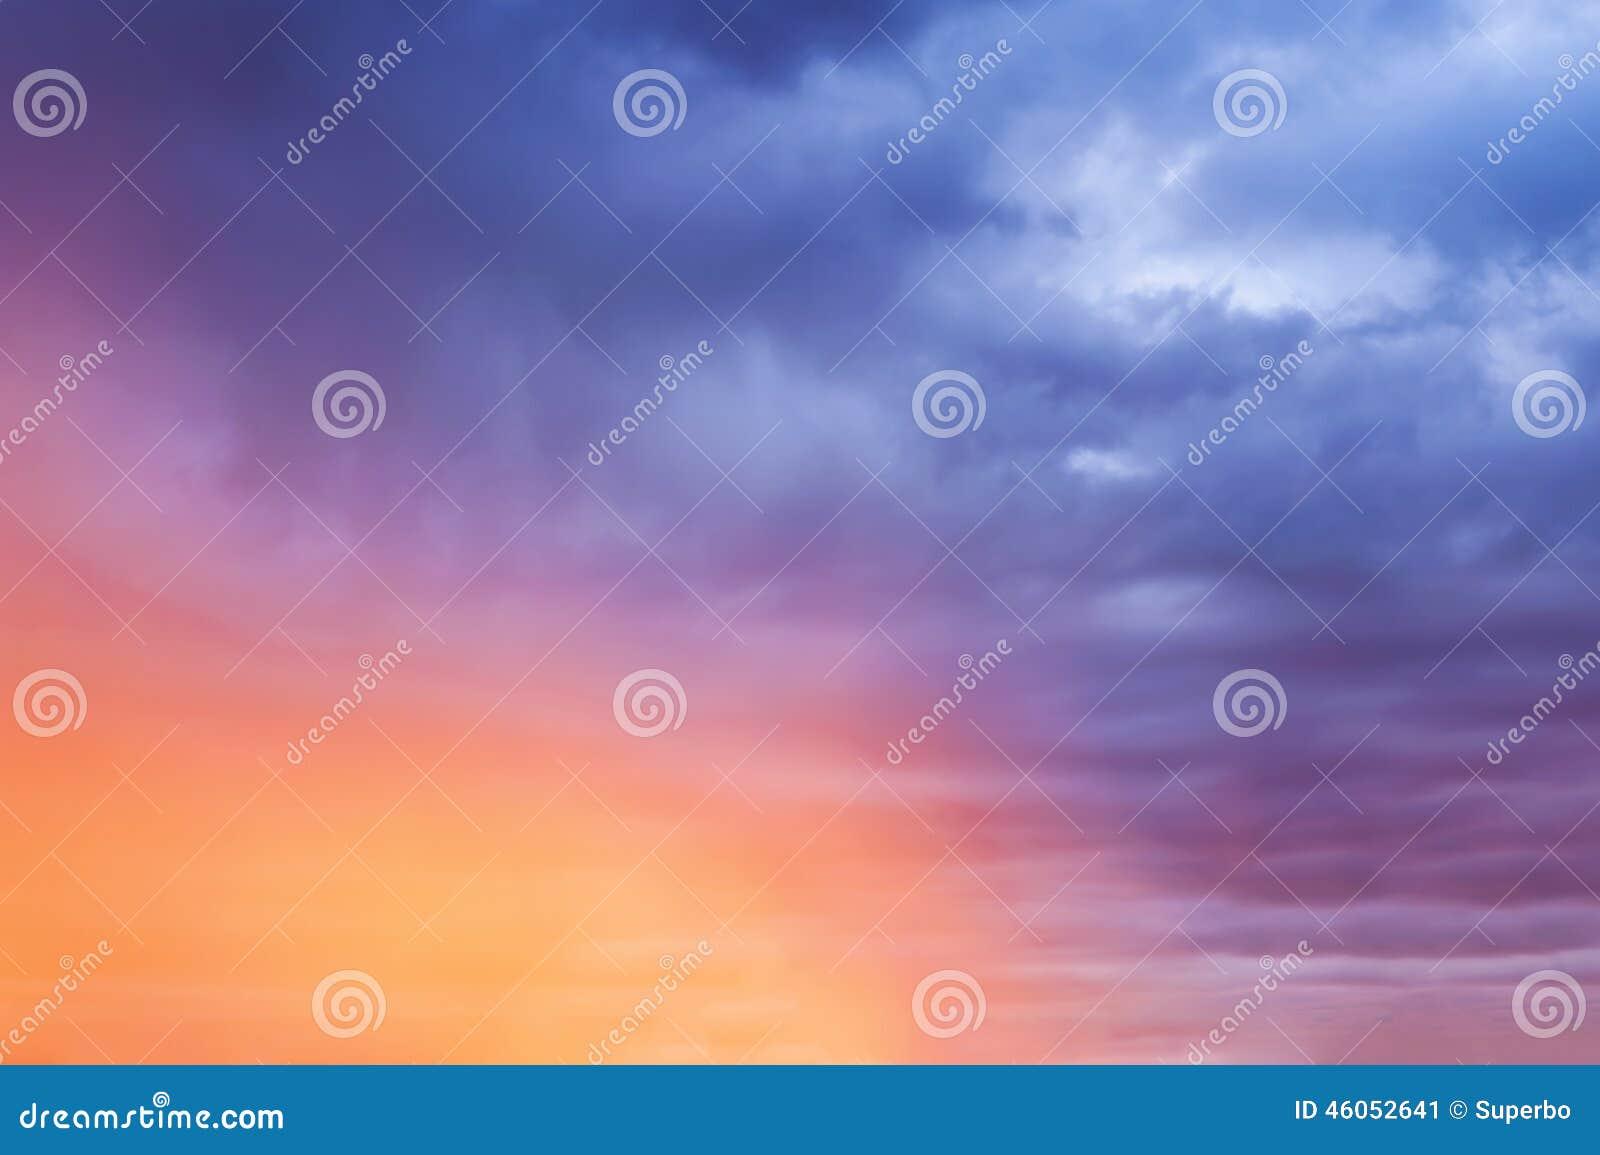 Fondo colorido del cielo del otoño, salida del sol de la mañana